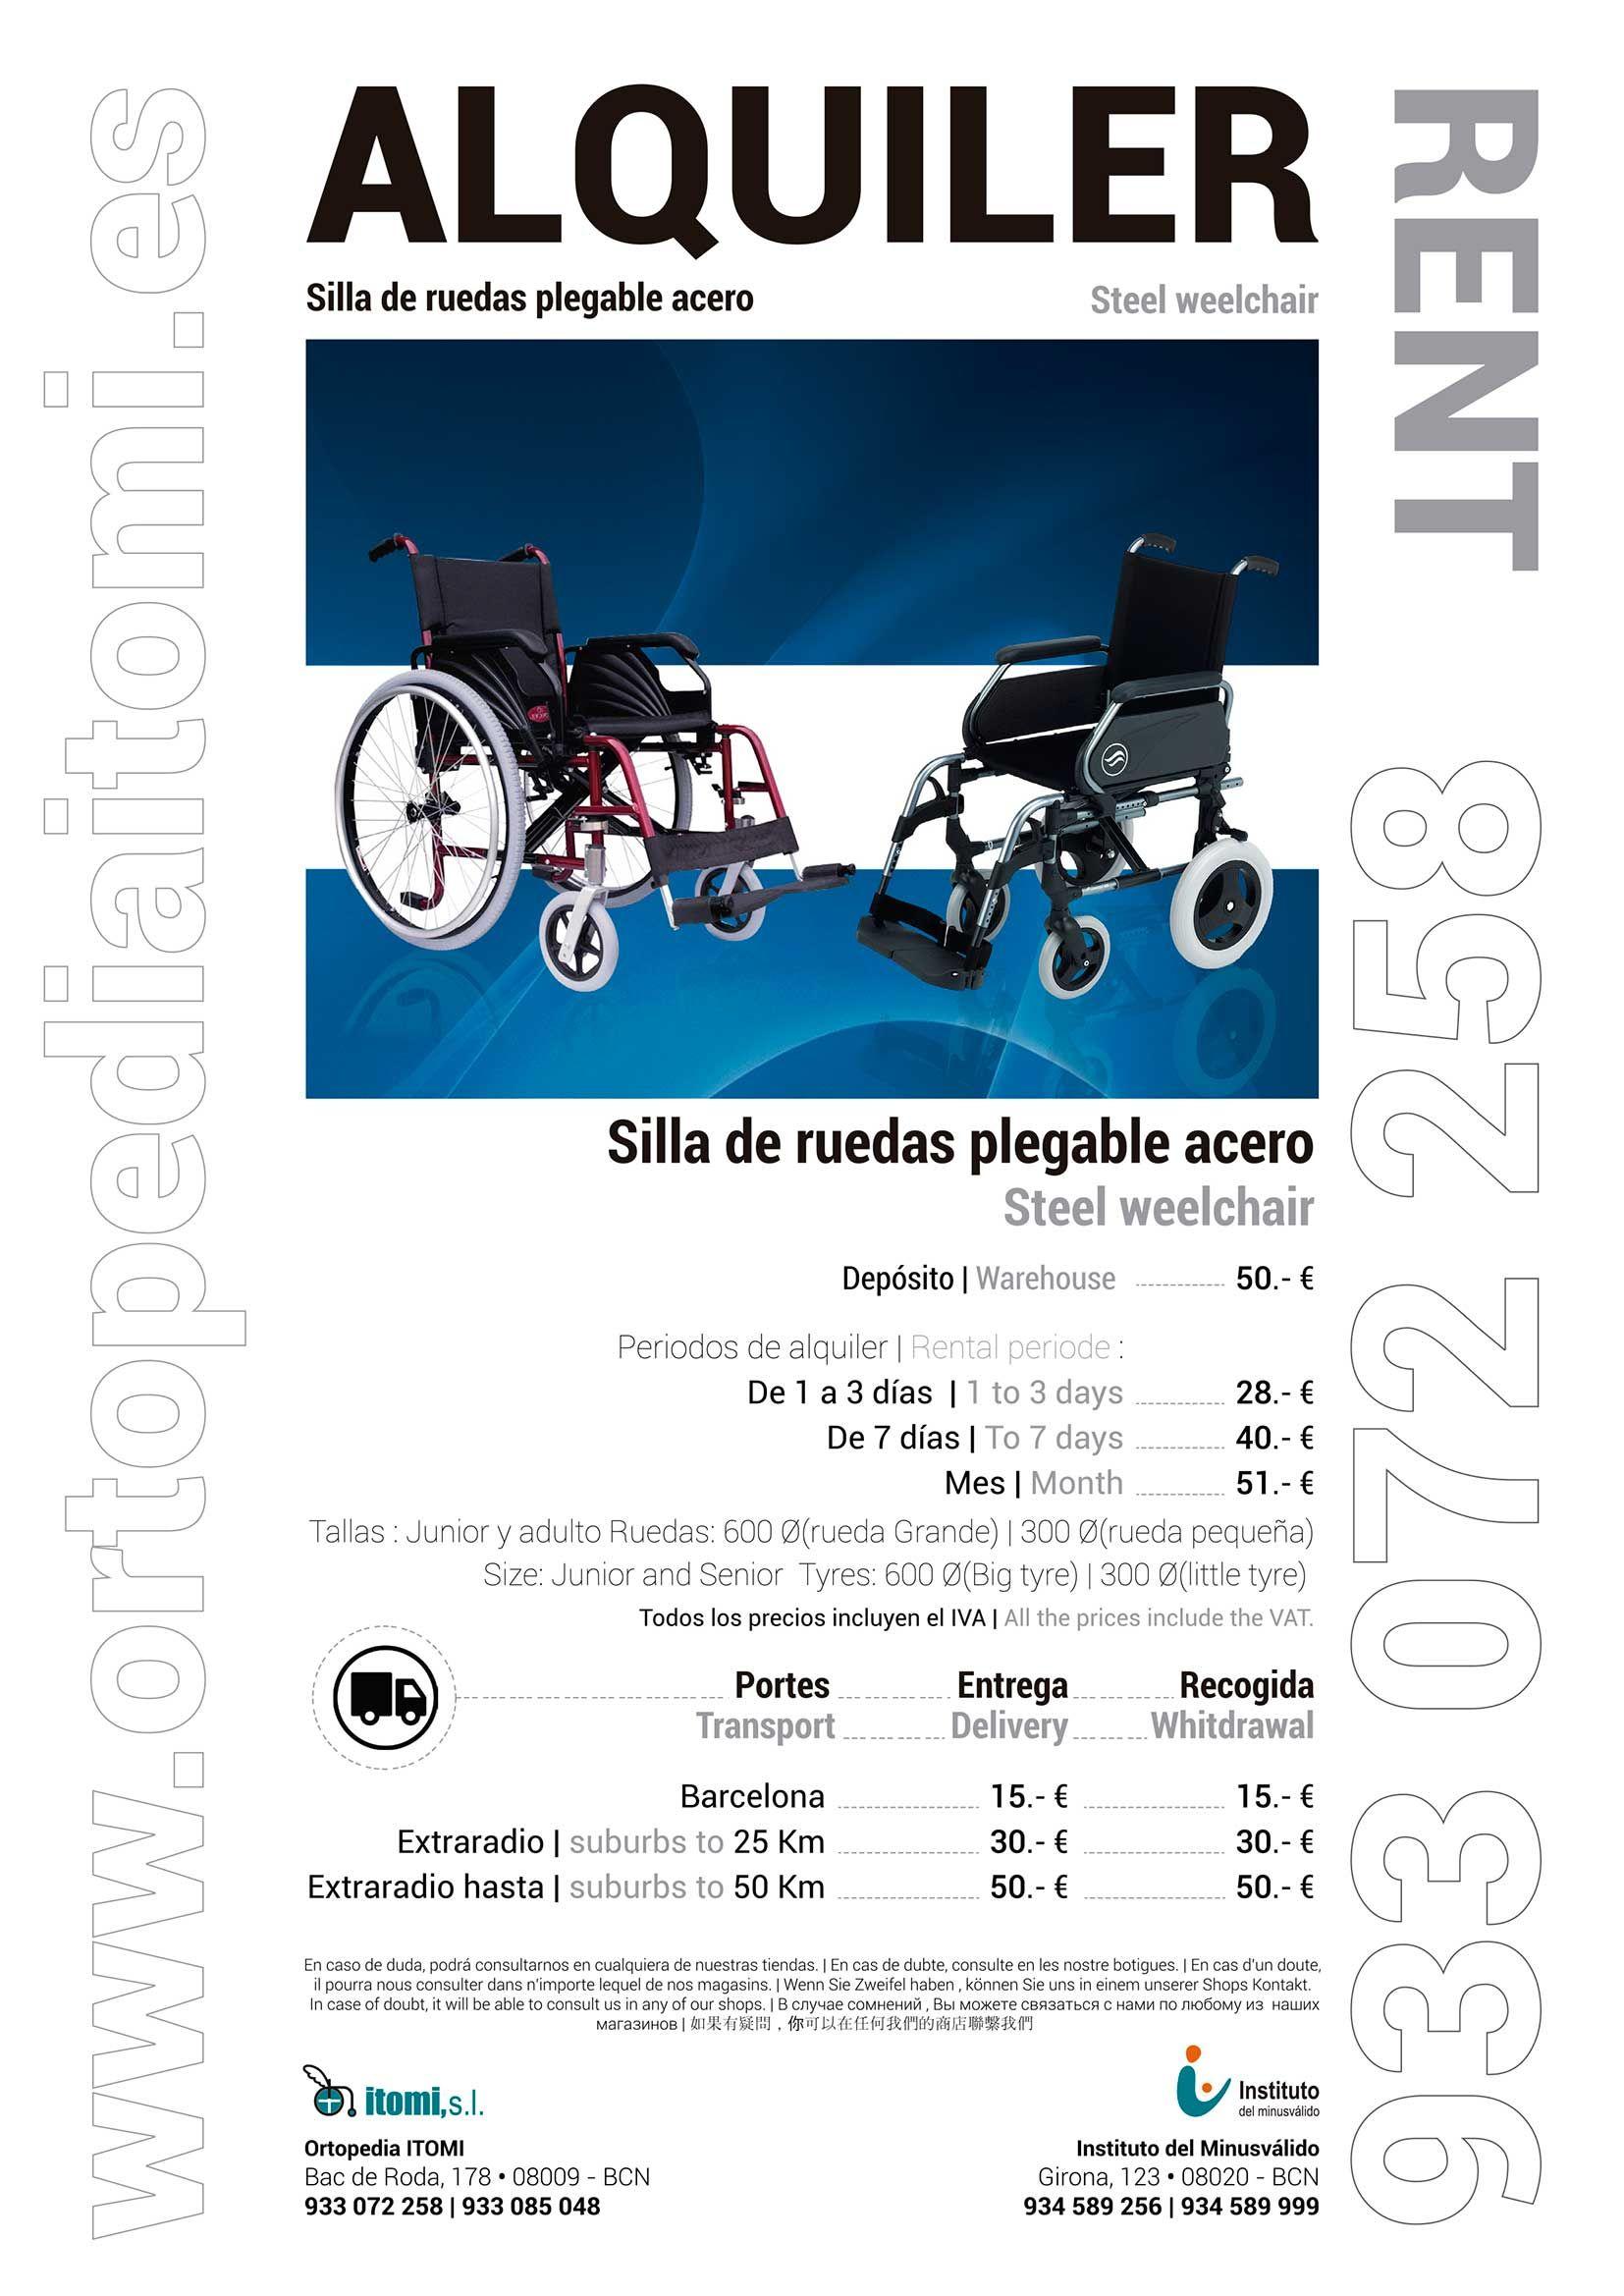 Alquiler silla de ruedas plegable acero